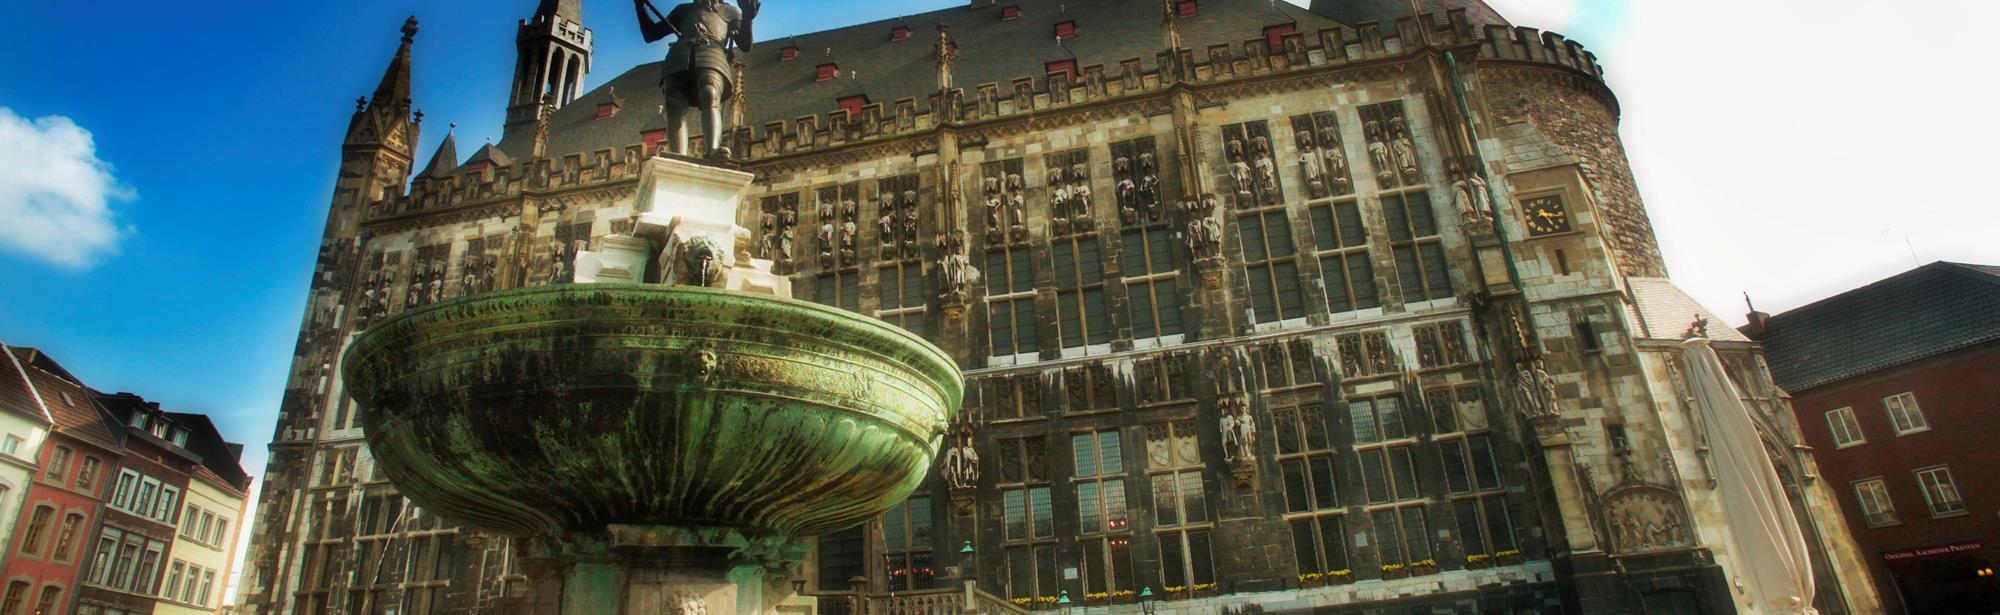 Stadhuis Aken